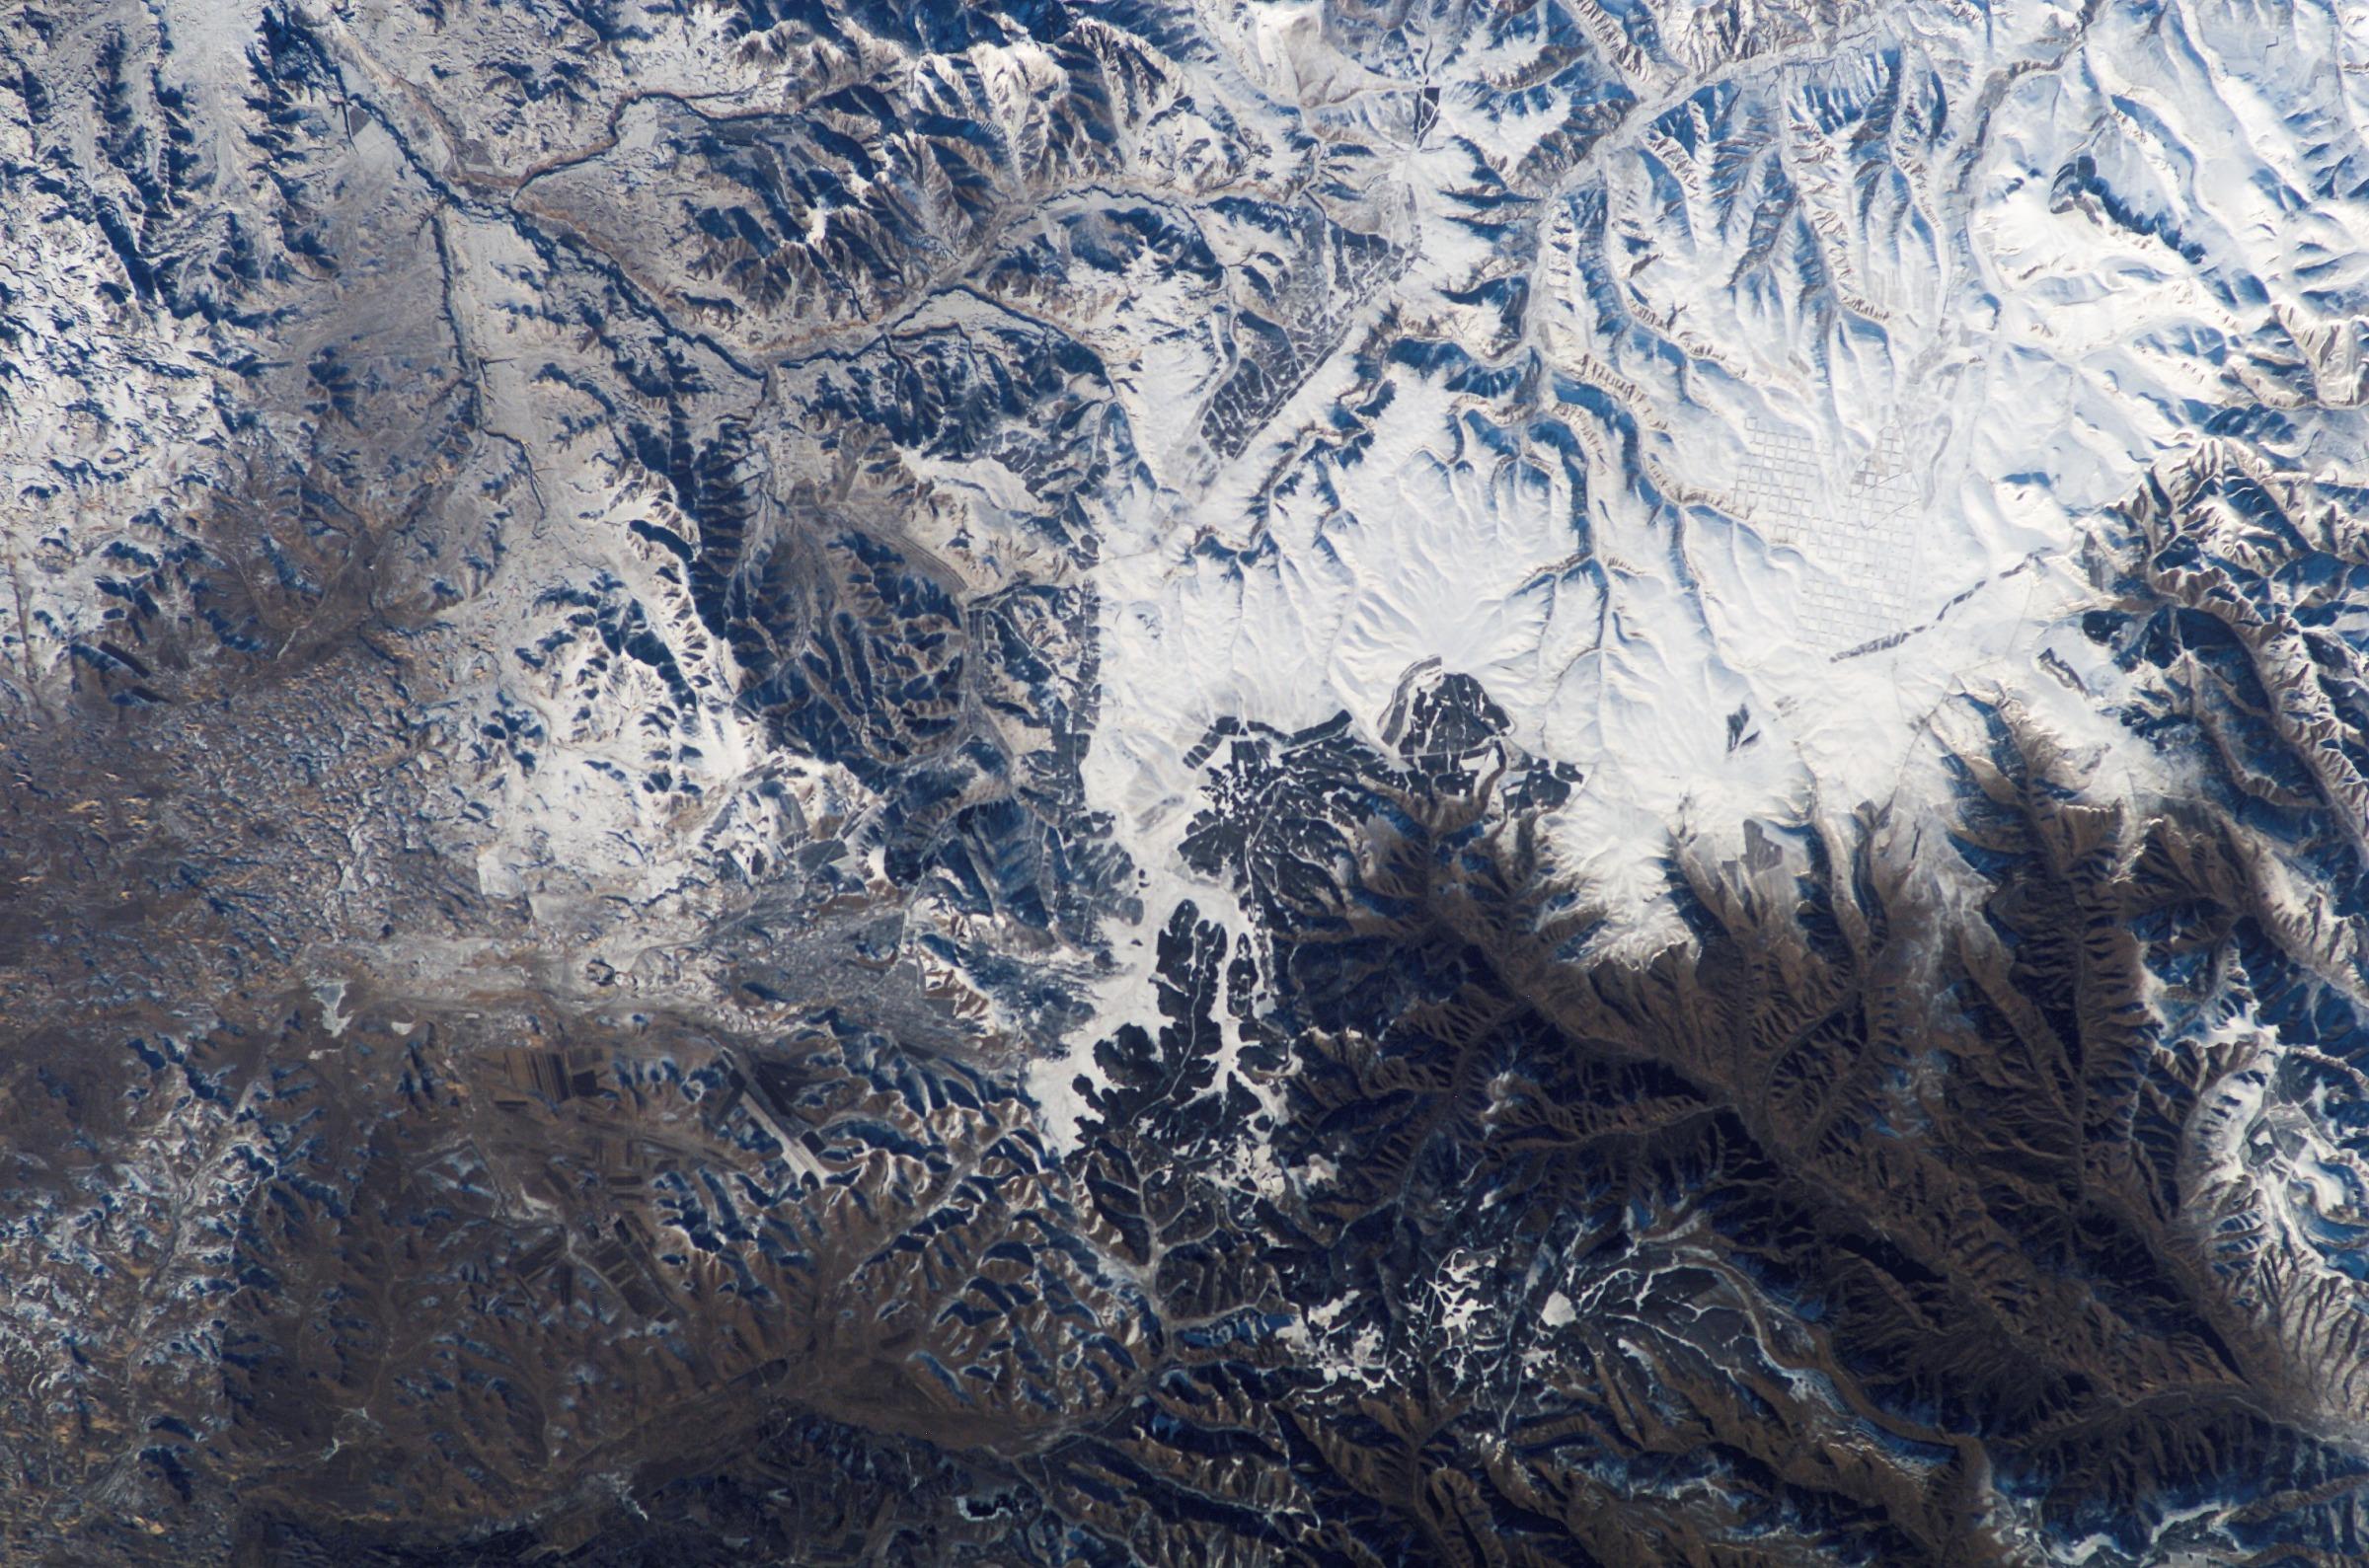 Zdjęcie satelitarne Chin, na którym badacze NASA dostrzegli Wielki Mur Chiński